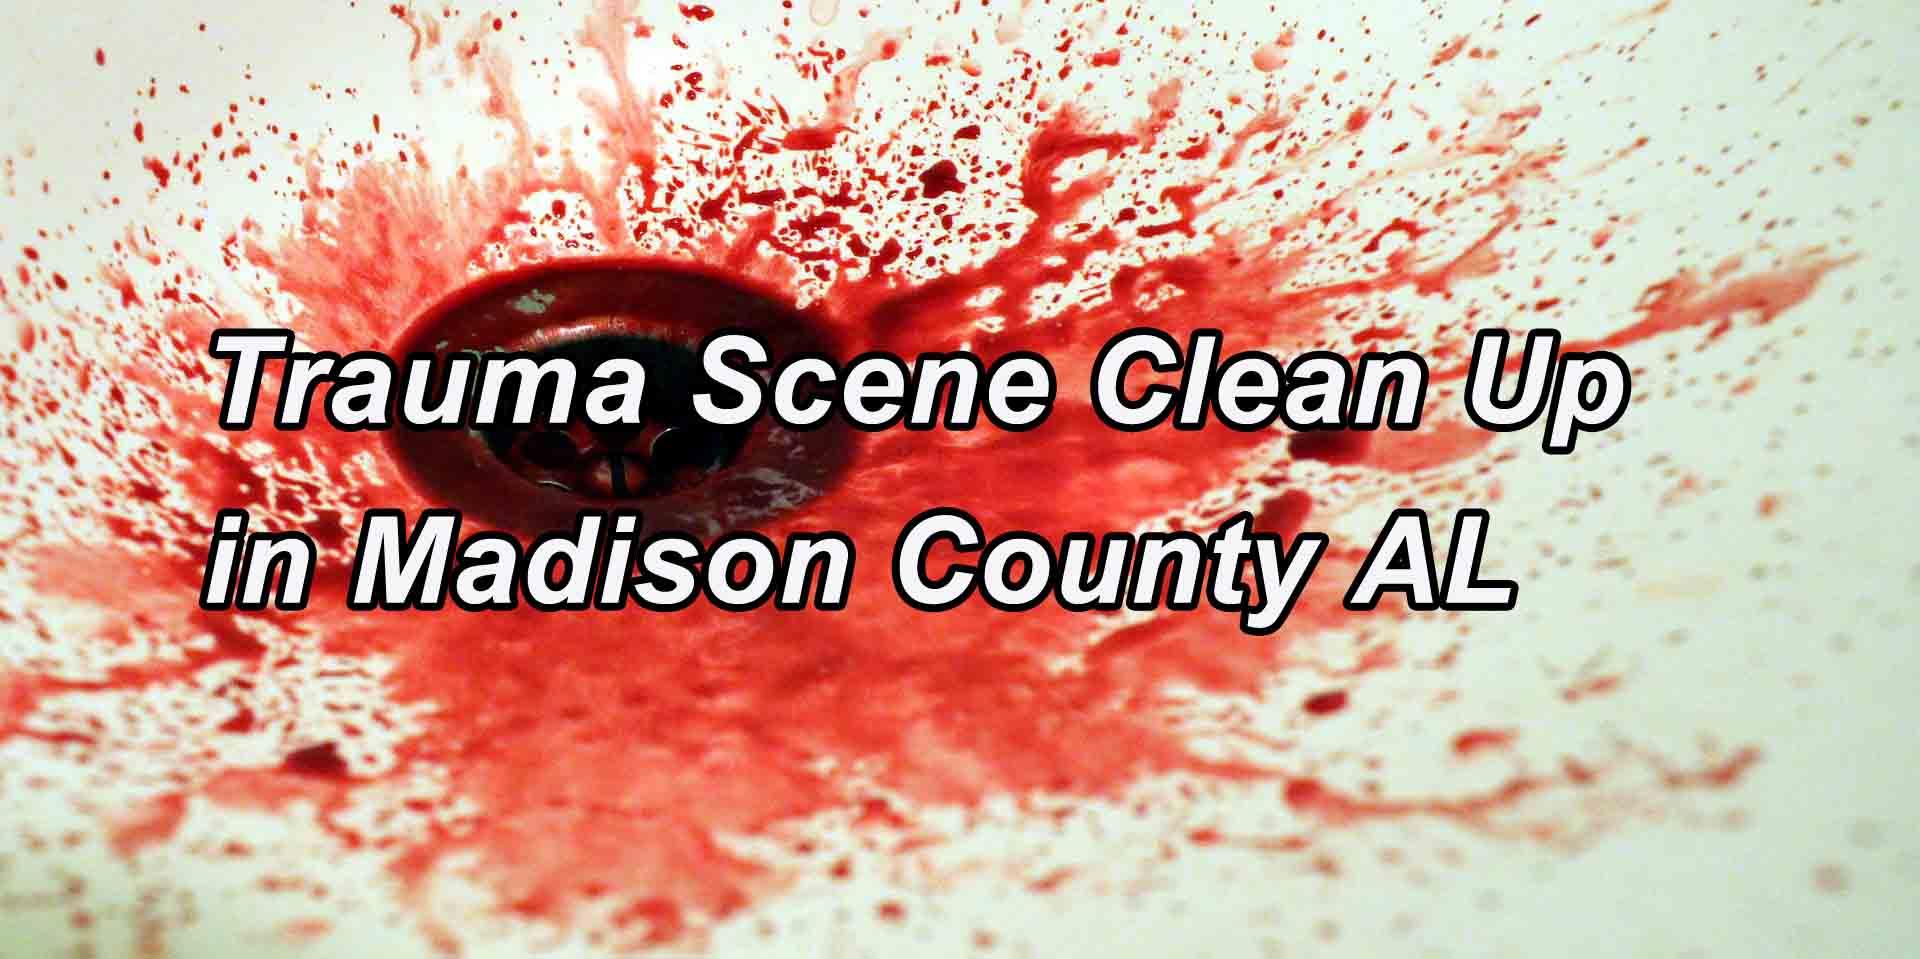 Trauma Scene Cleanup in Madison County AL